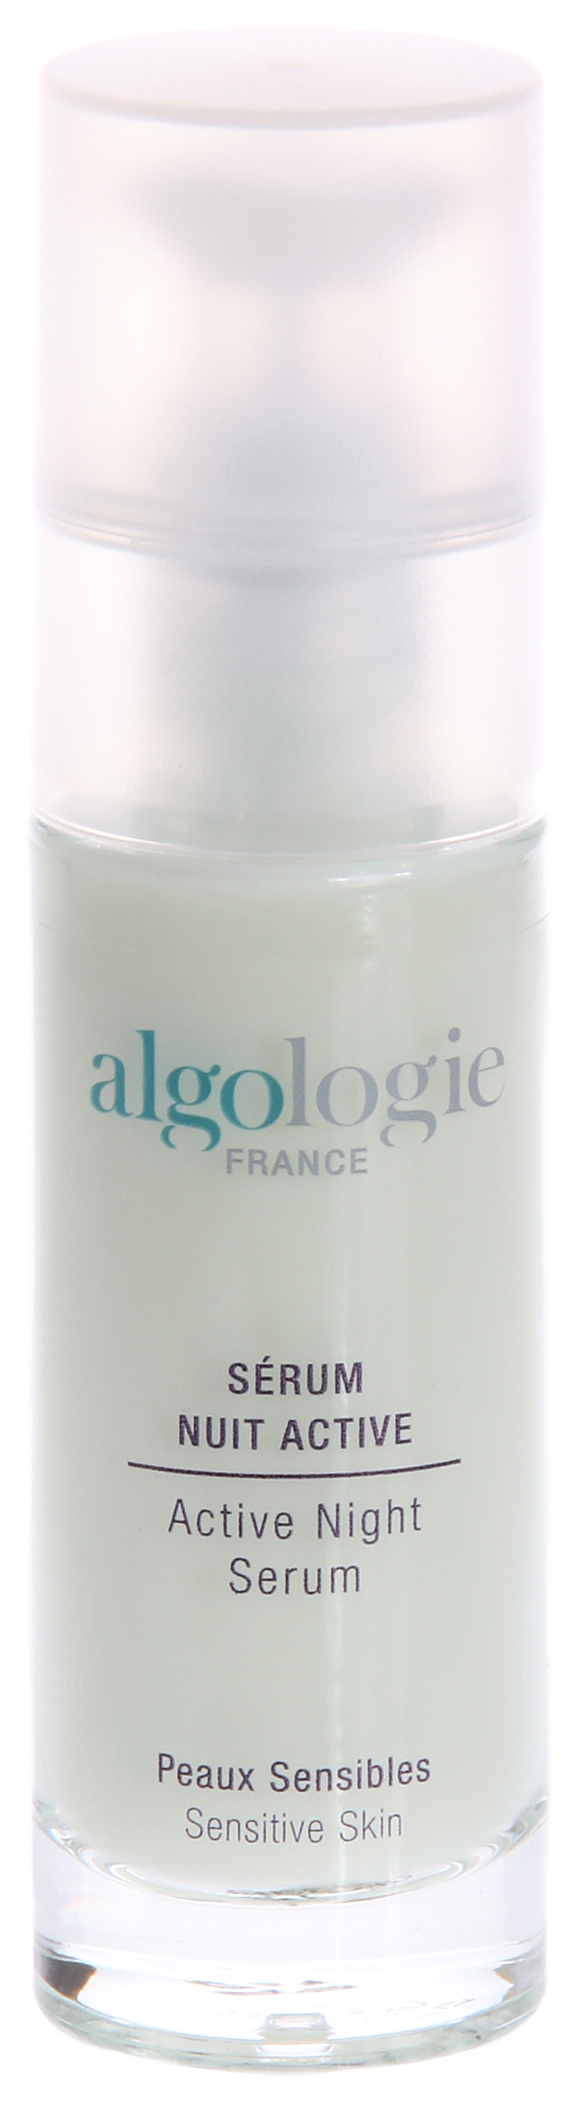 ALGOLOGIE Сыворотка активная ночная 30мл